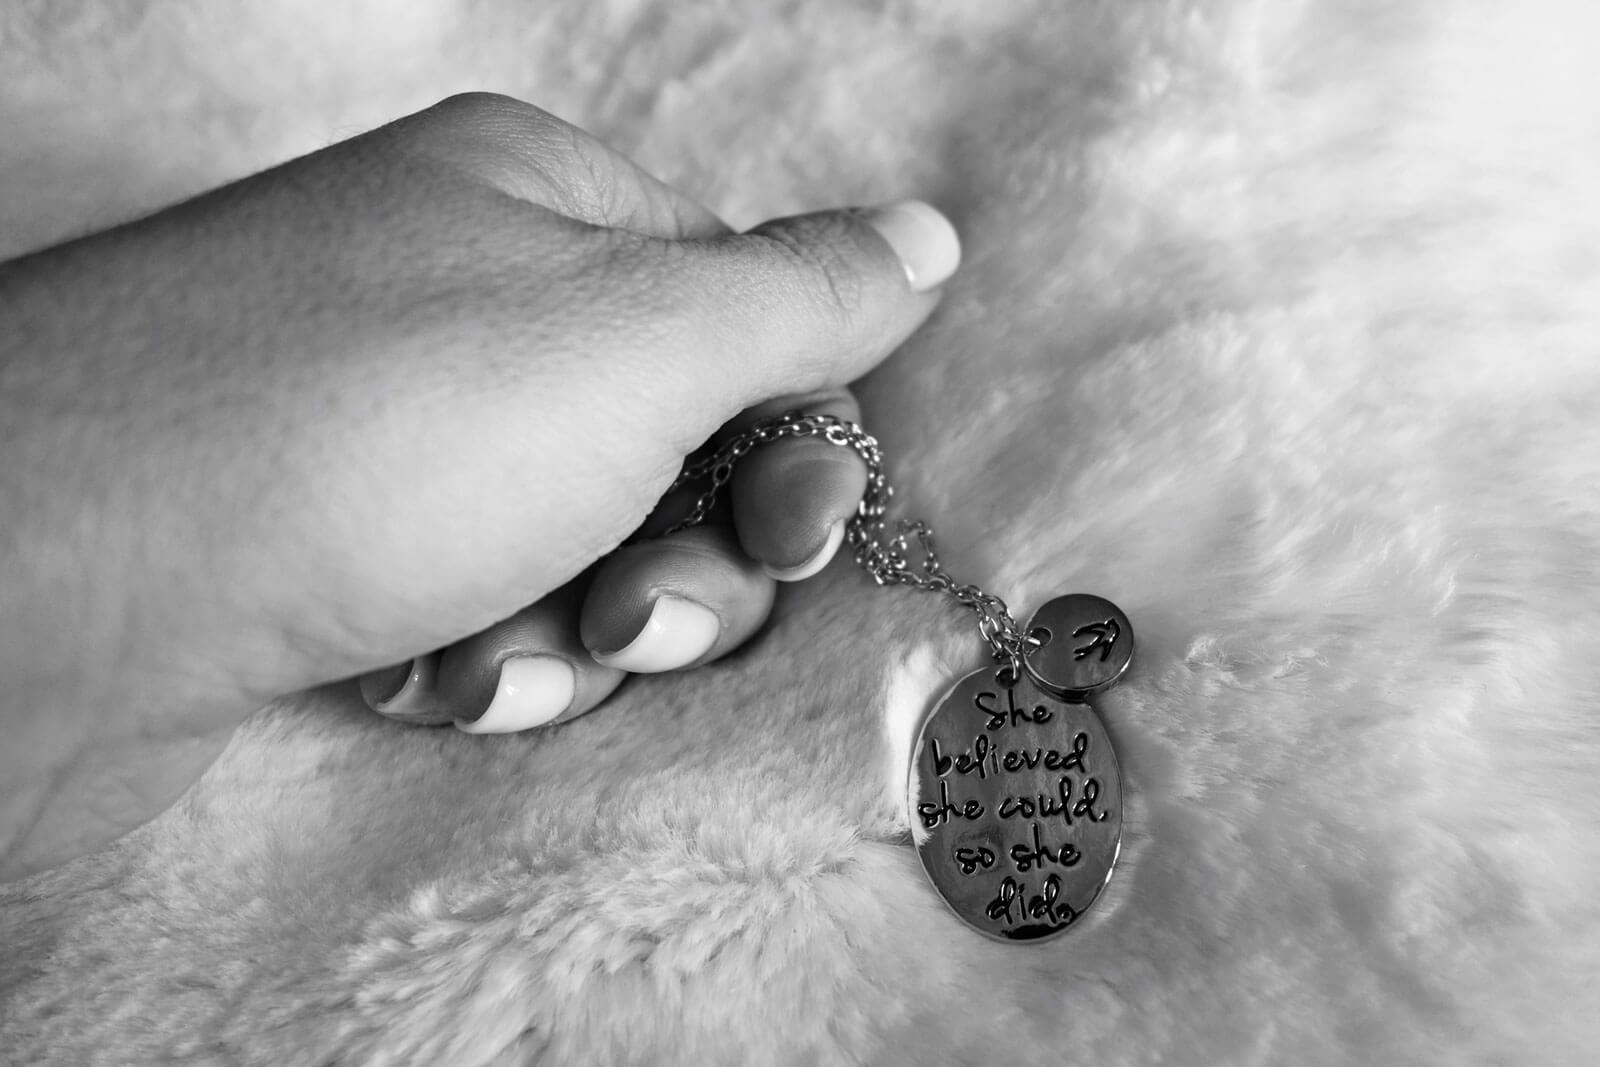 Mão a segurar uma corrente com uma medalha, sobre um cobertor de pelo.